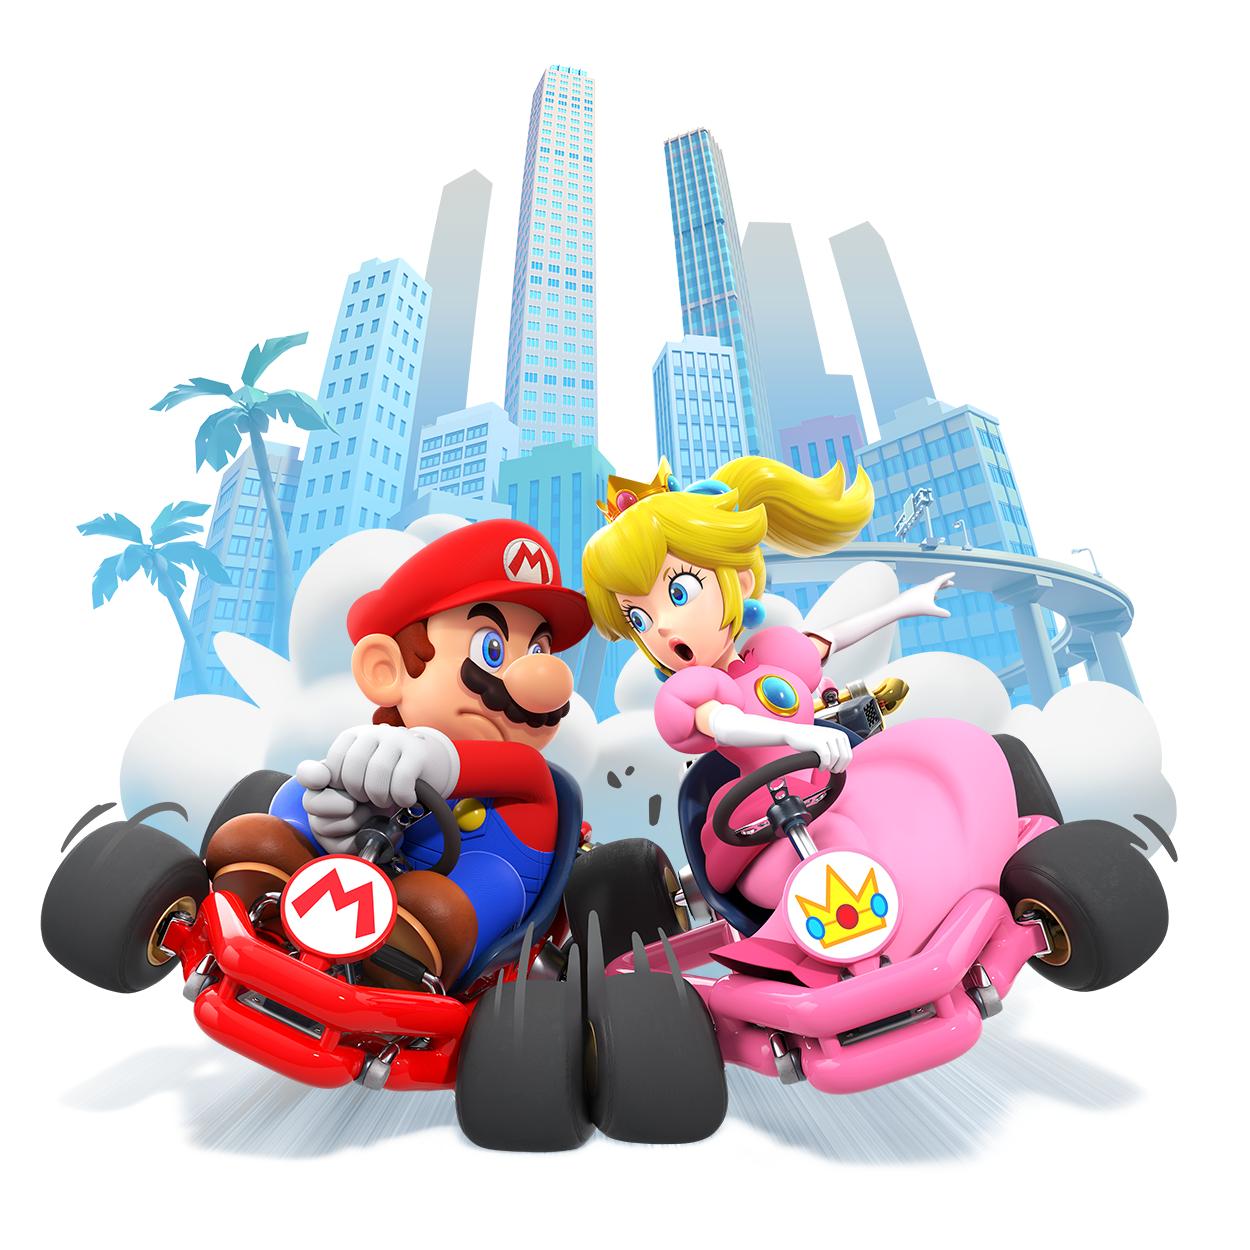 Las carreras por equipo llegan a Mario Kart Tour, disponible para dispositivos inteligentes